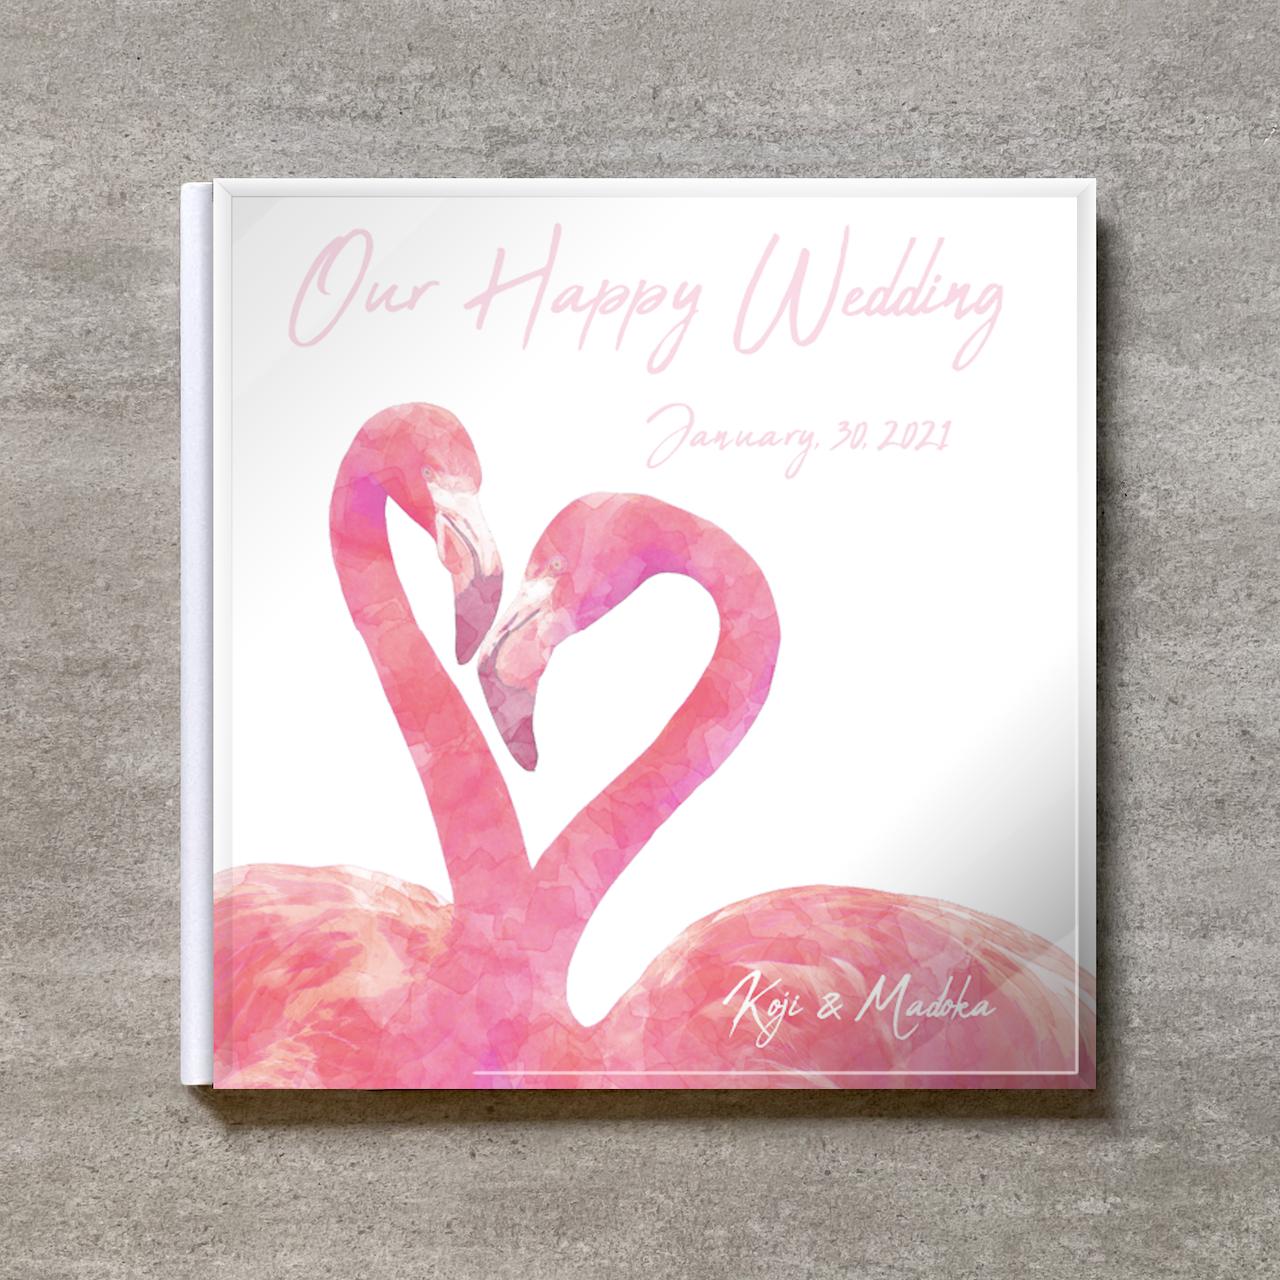 White Flamingo_A4スクエア_6ページ/10カット_クラシックアルバム(アクリルカバー)